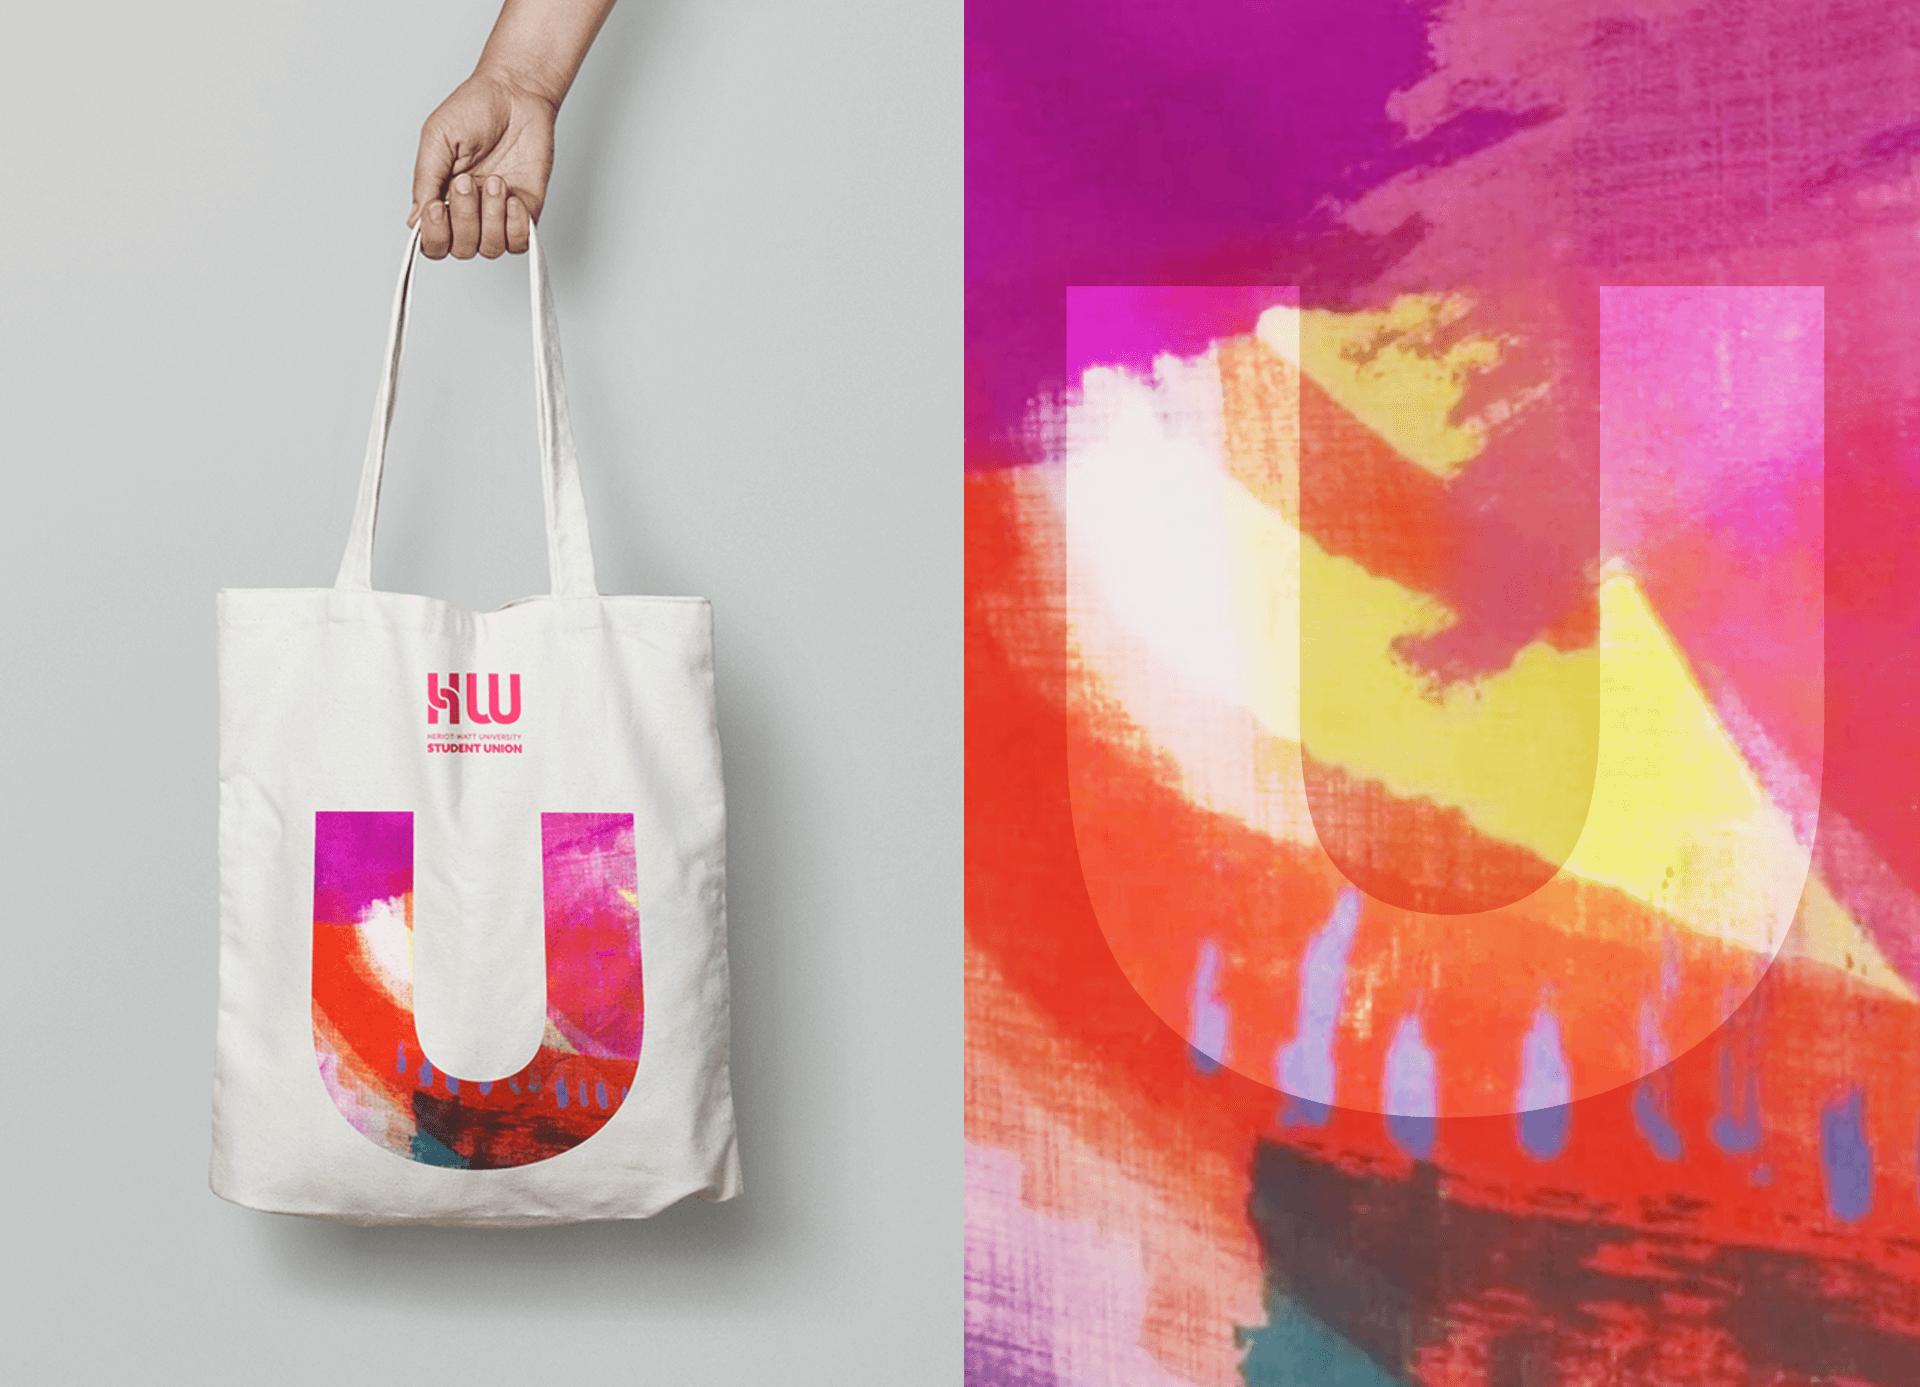 HWU_Bag